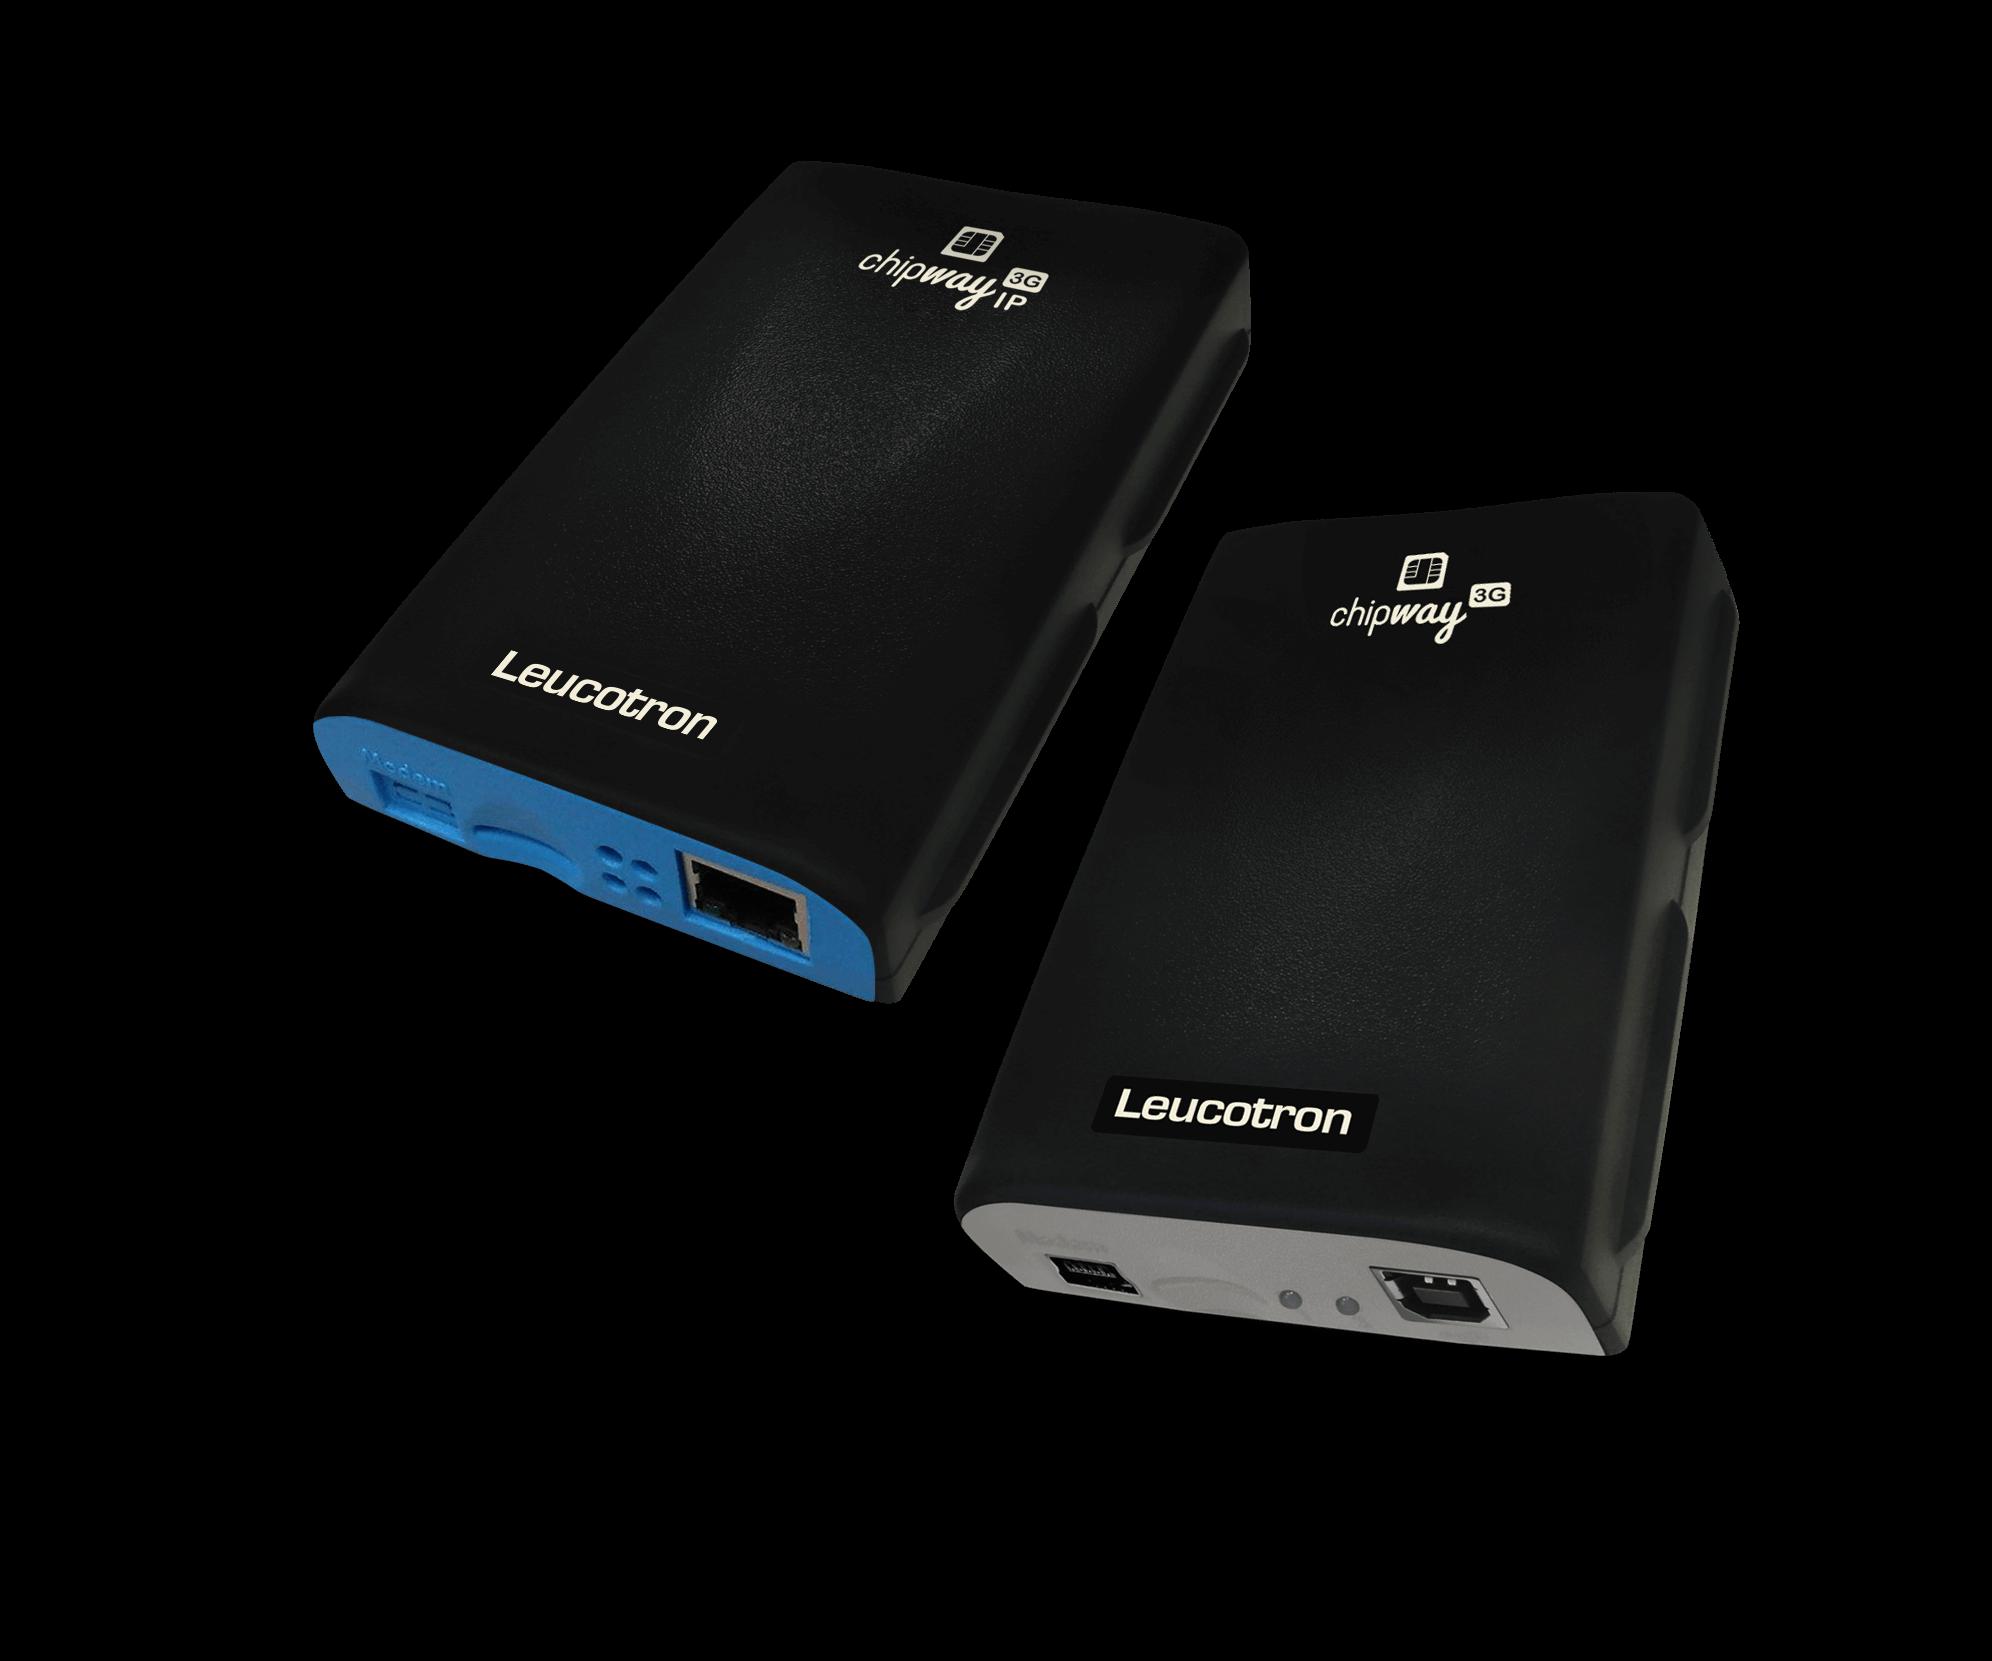 Imagem das duas interfaces celulares, ChipWay 2G e ChipWay 3G.